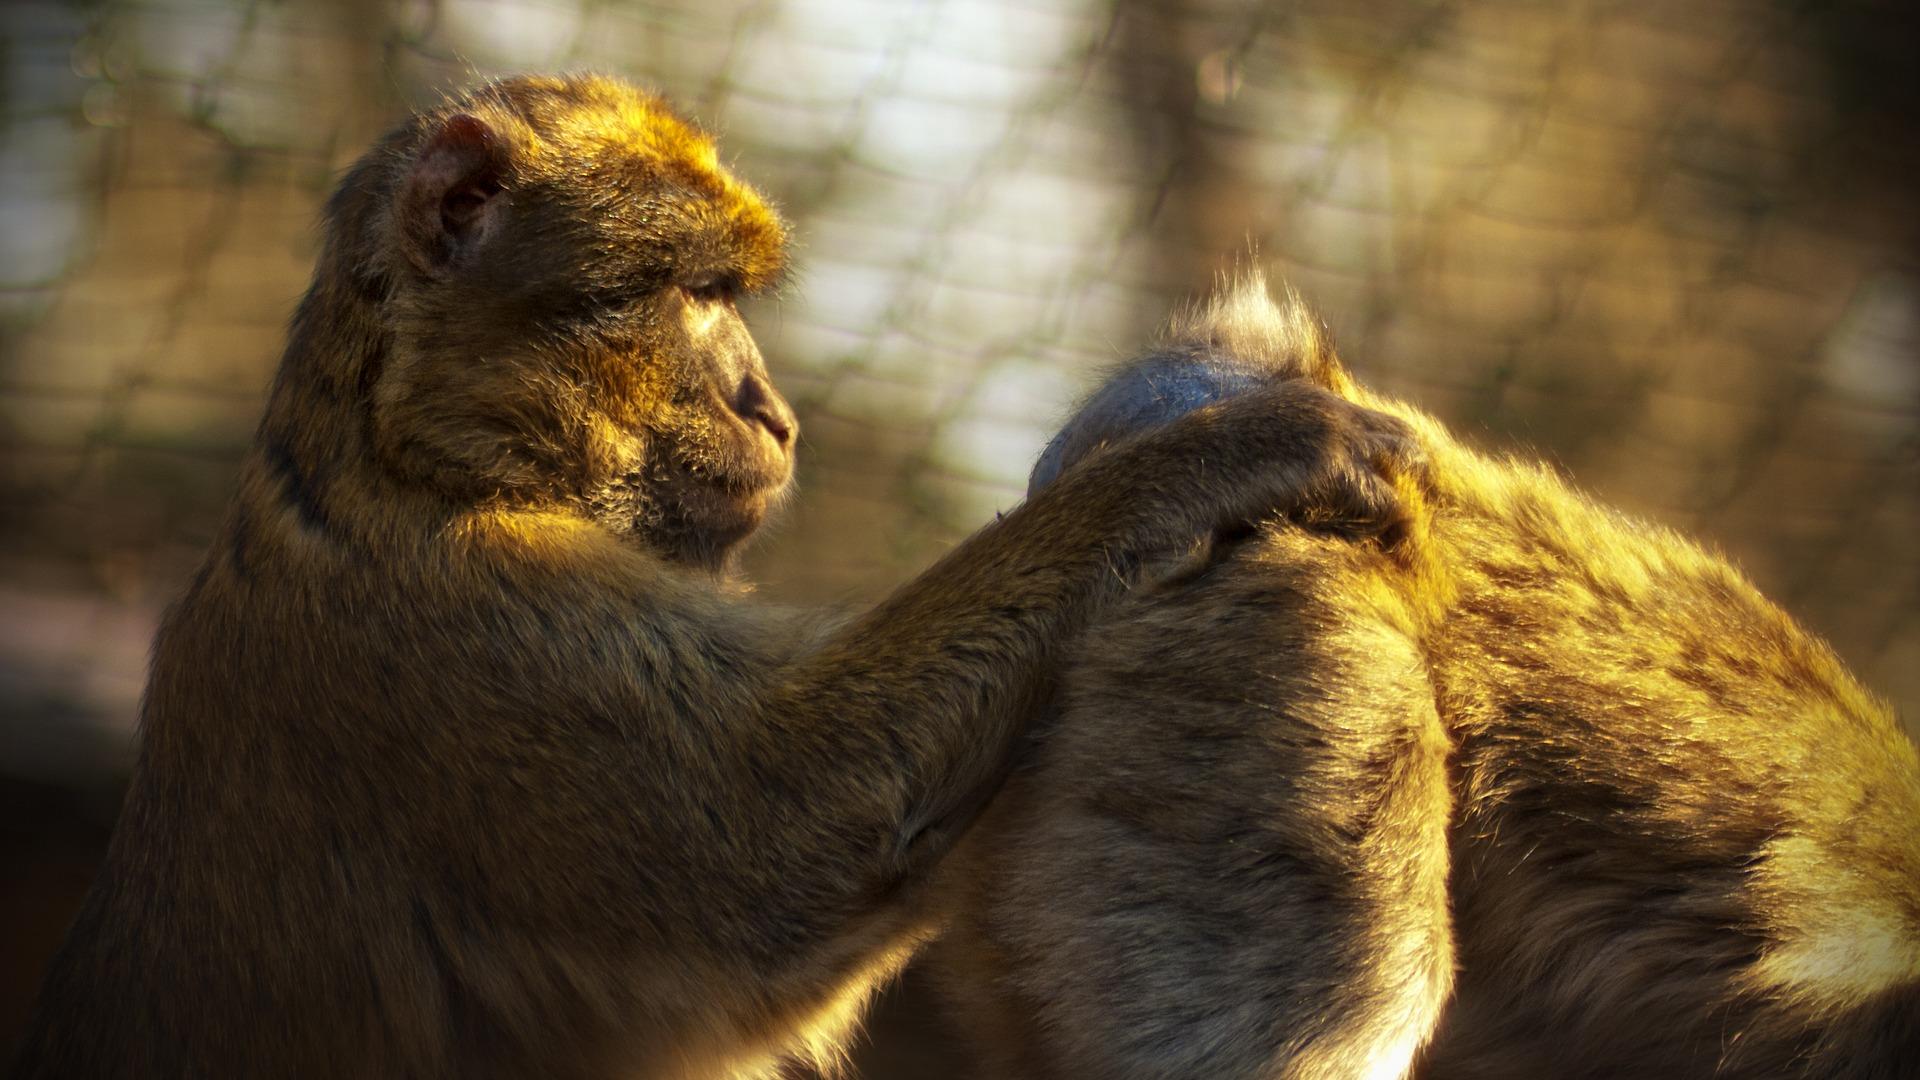 Images gratuites animal faune sauvage zoo se soucier - Photos de lions gratuites ...